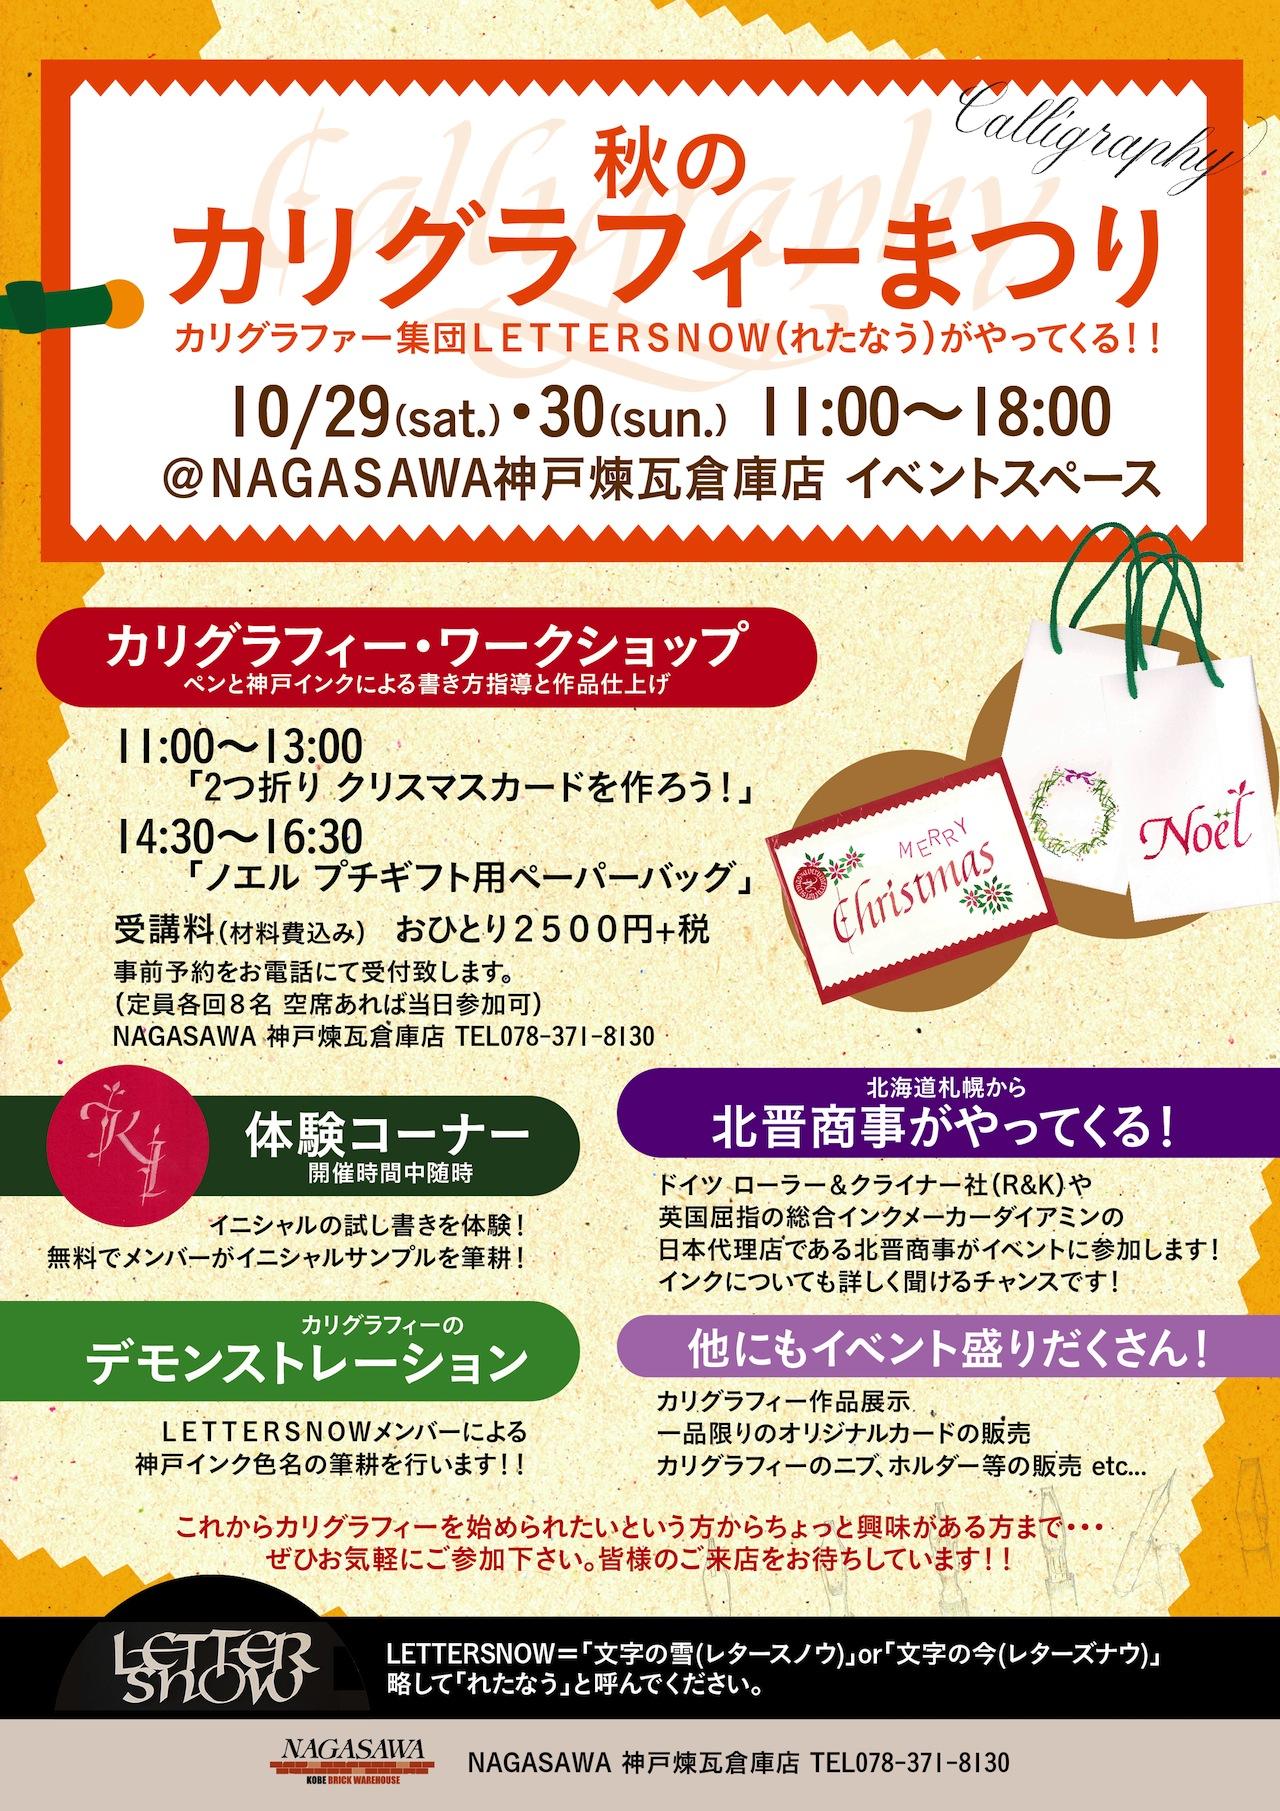 秋のカリグラフィーまつり @NAGASAWA神戸煉瓦倉庫店